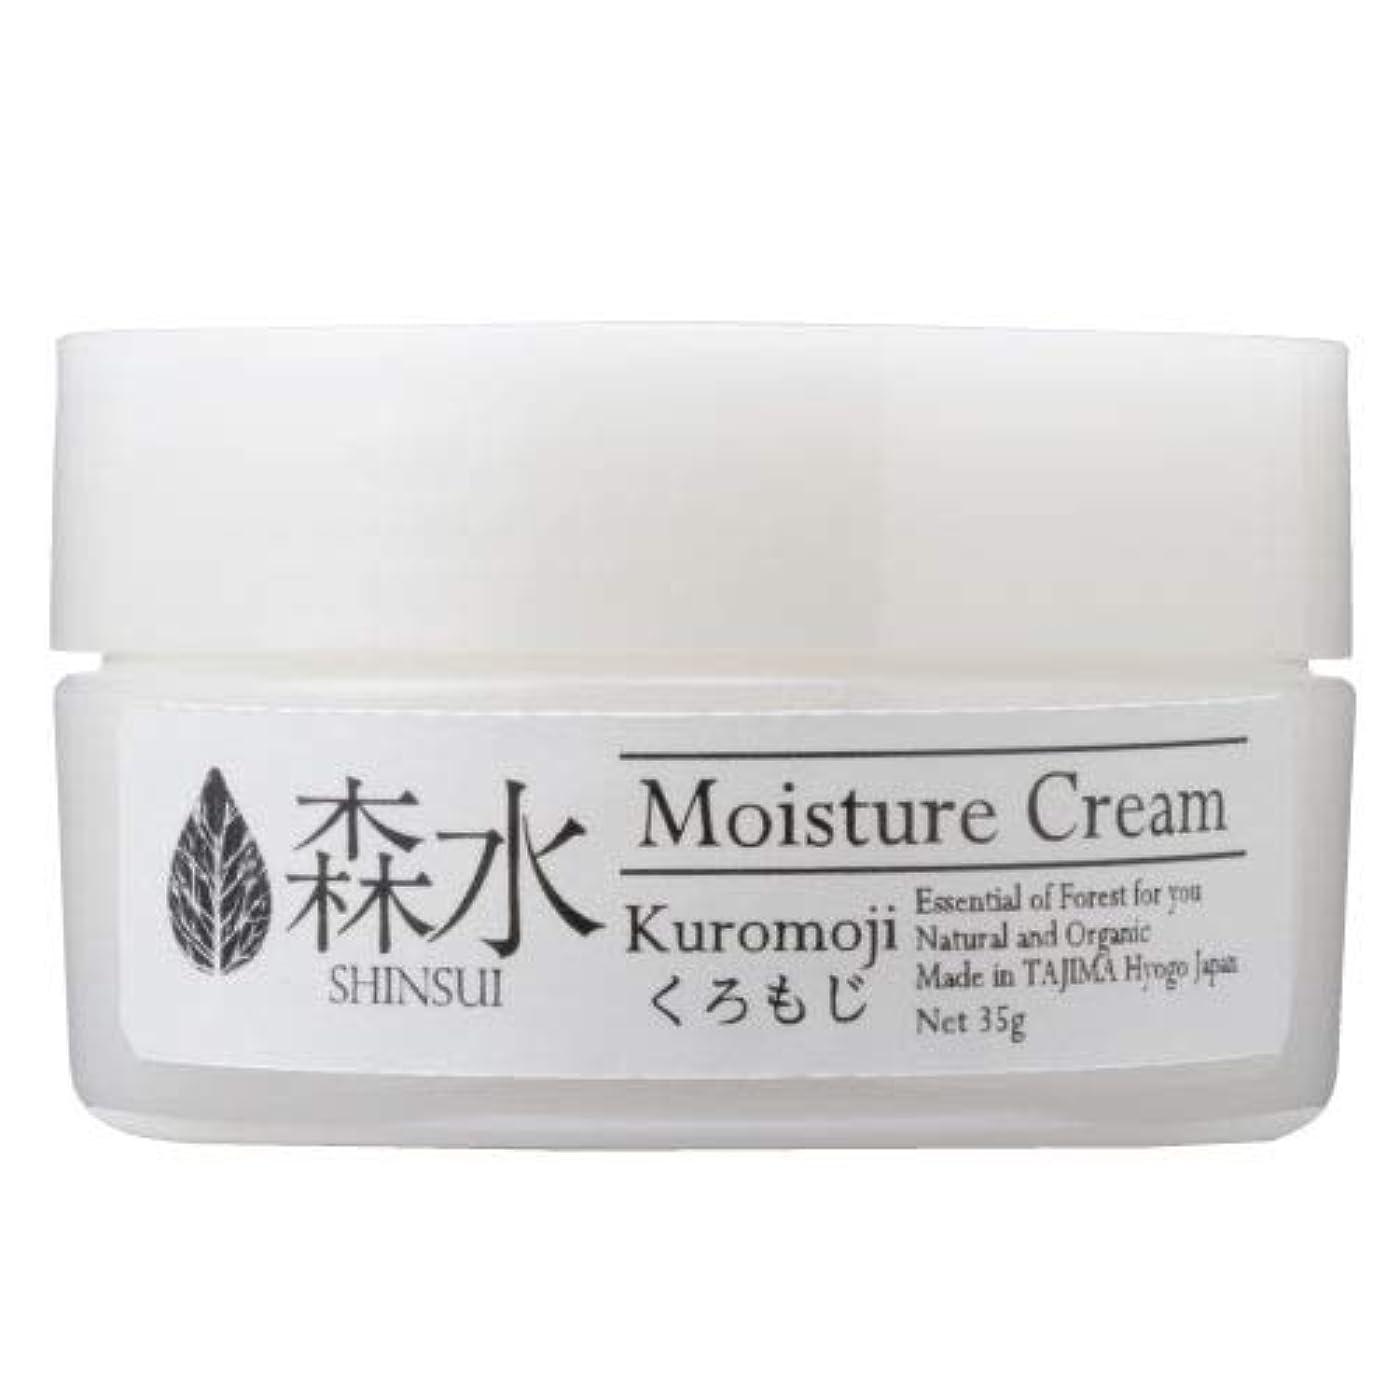 読みやすさフリンジクラブ森水-SHINSUI シンスイ-くろもじクリーム(Kuromoji Moisture Cream)35g